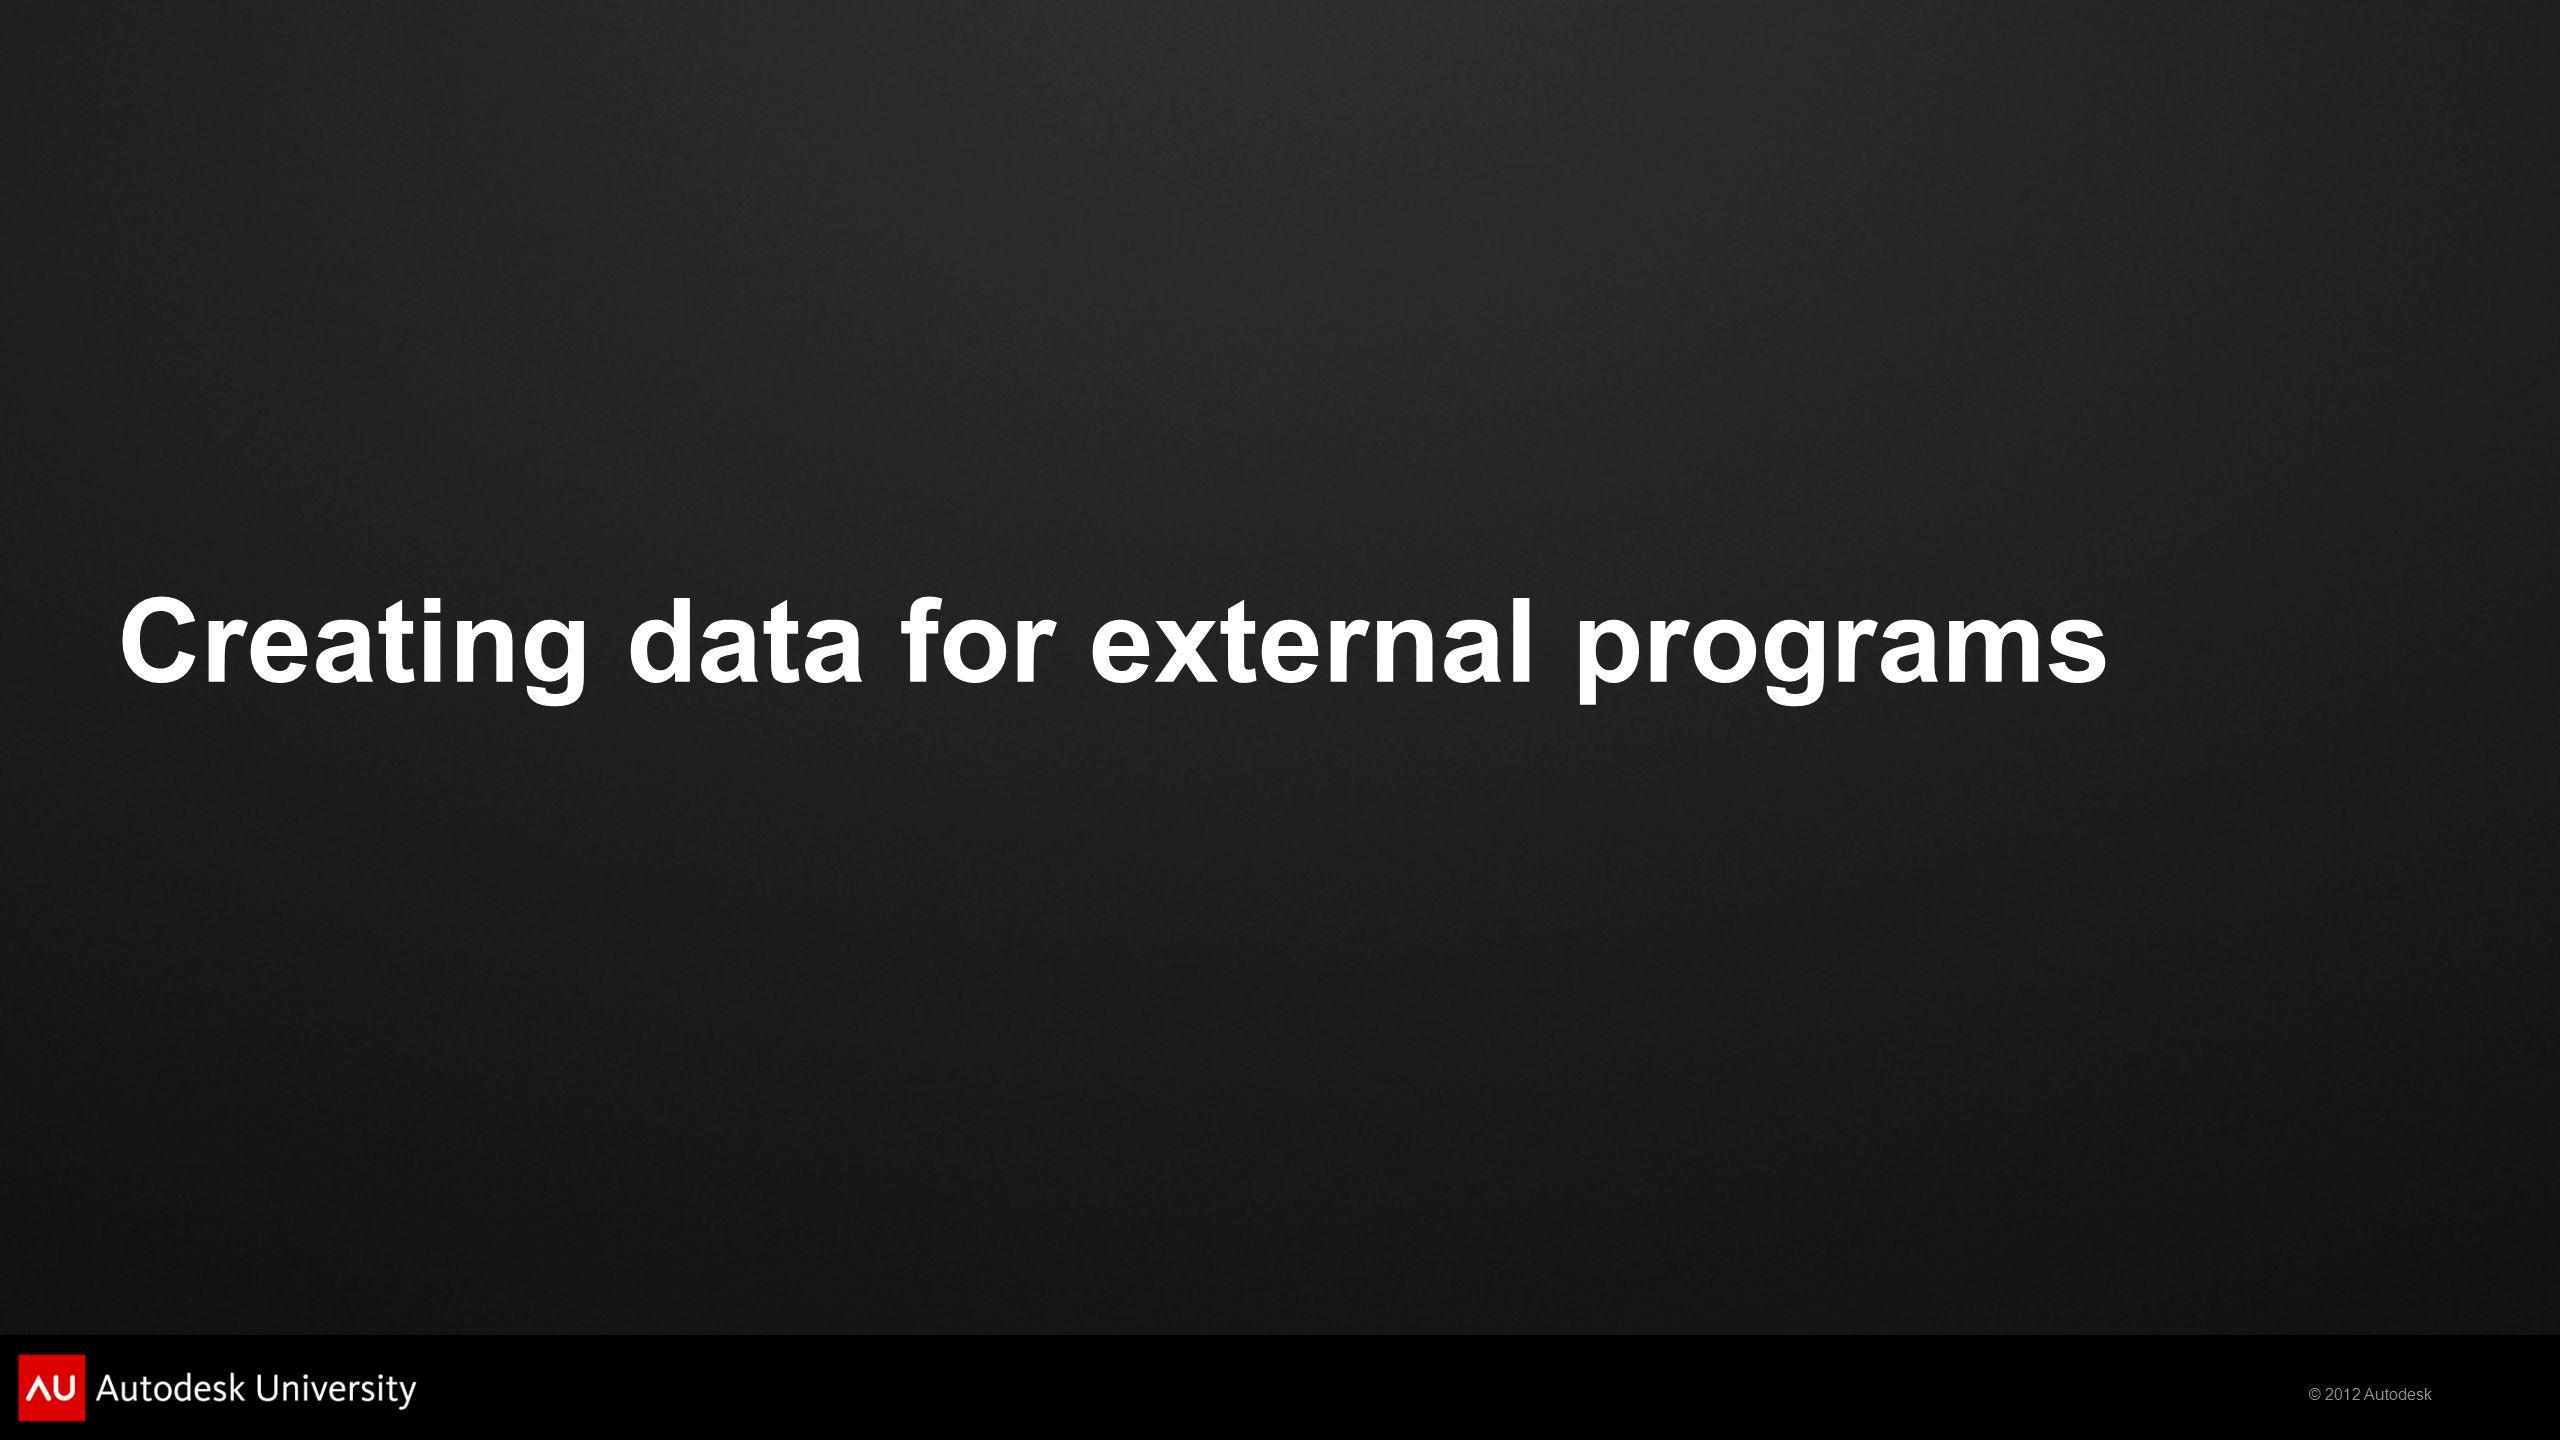 Creating data for external programs